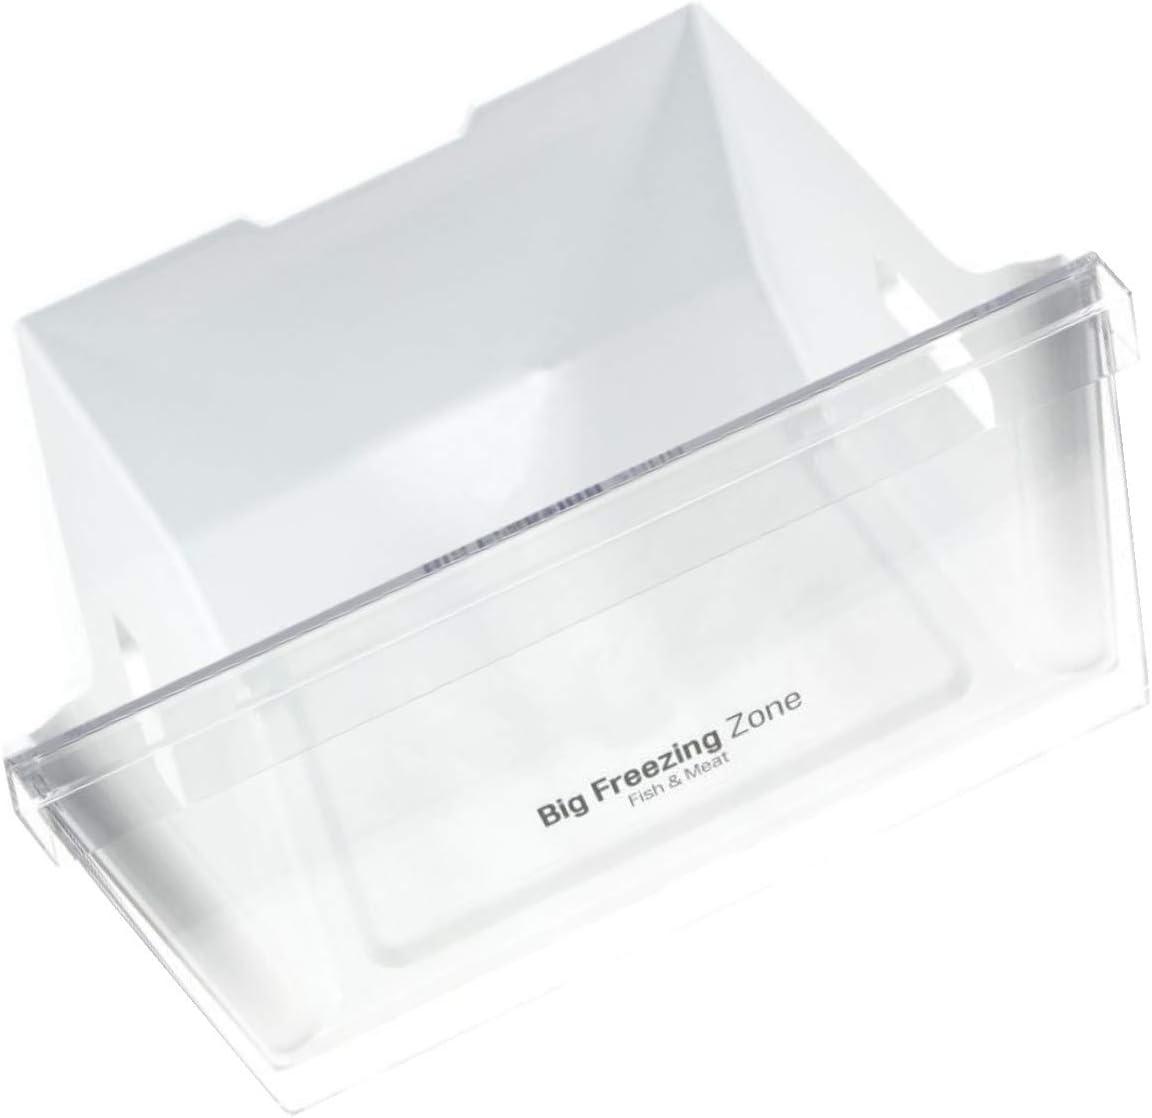 Cajón congelador frigorífico congelador AJP74874902 LG: Amazon.es ...